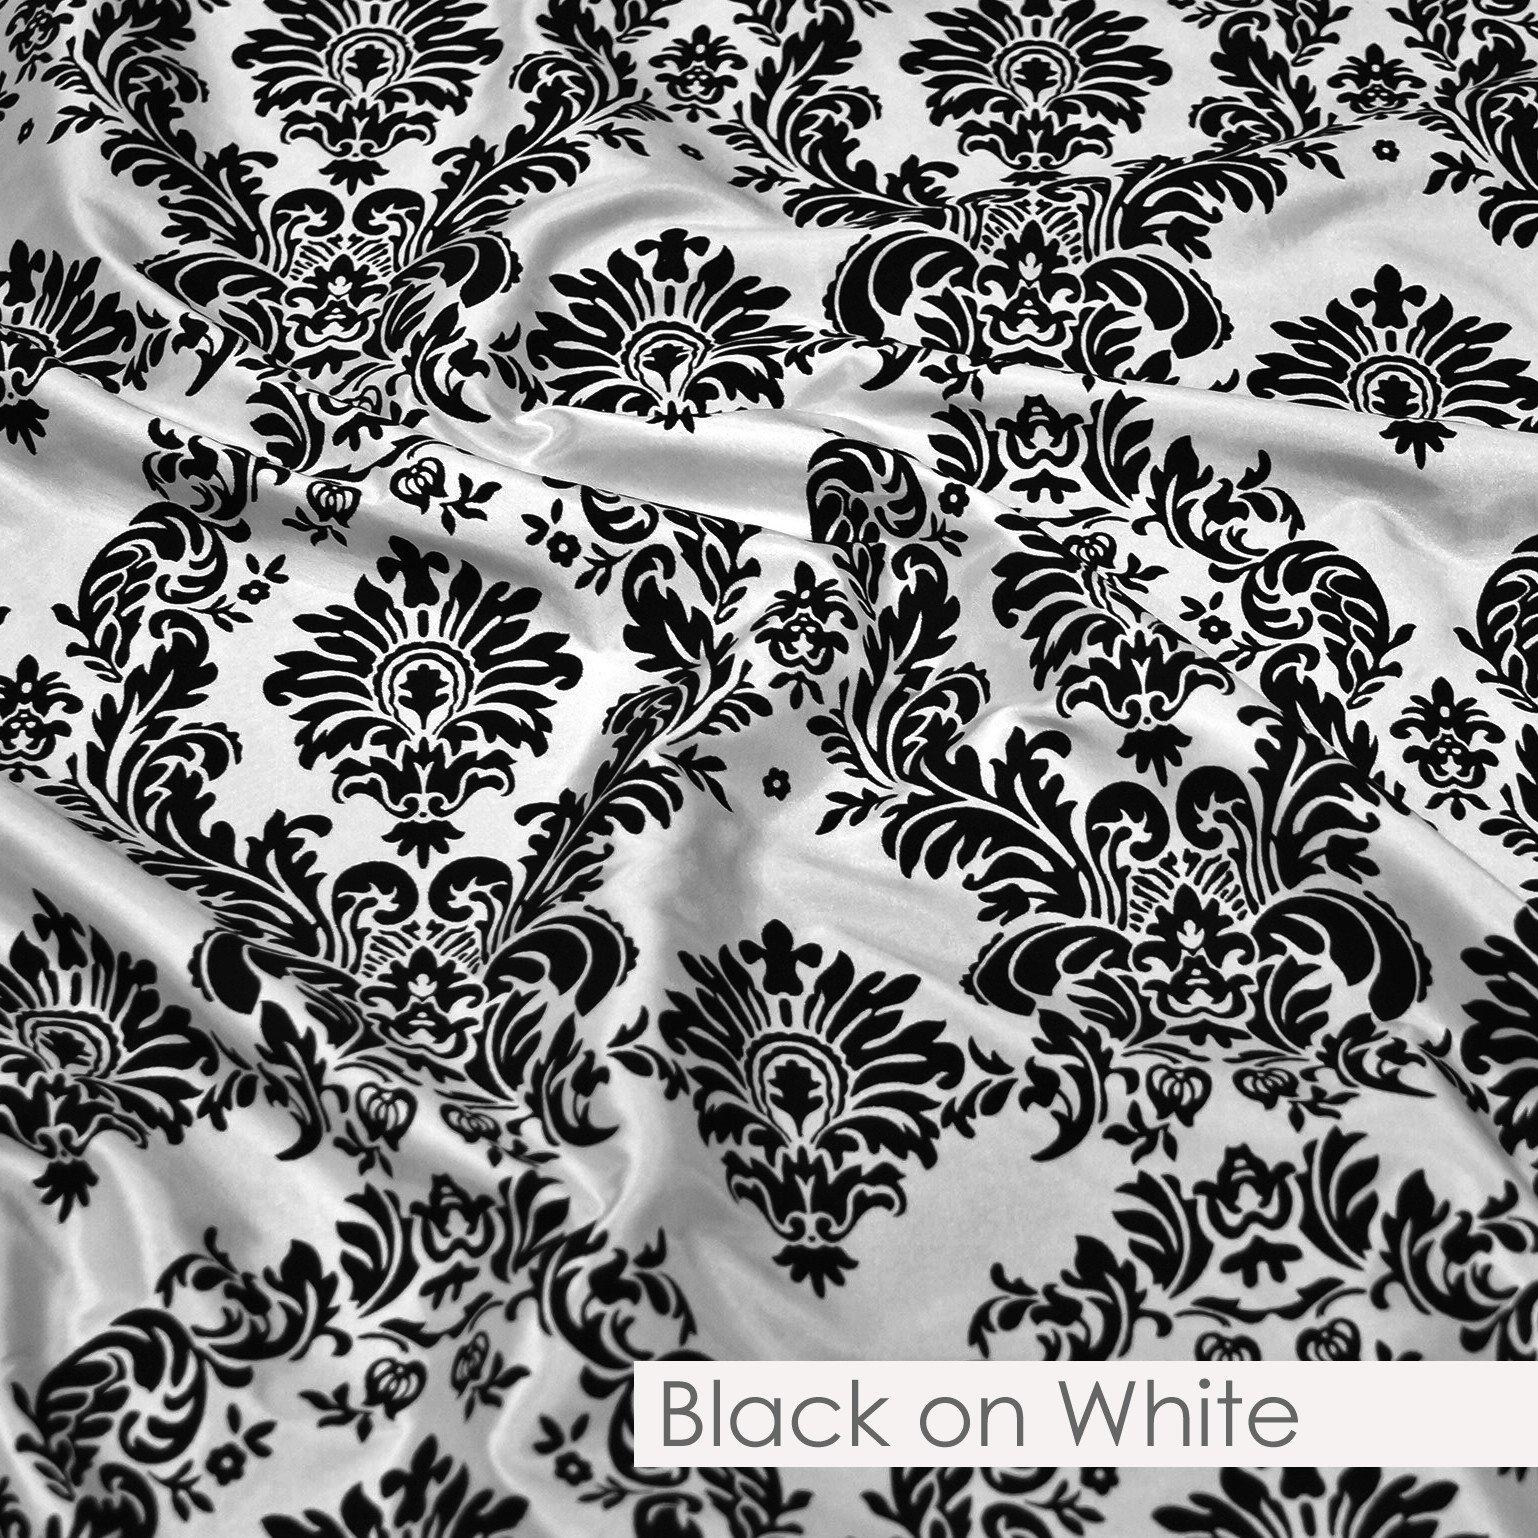 Damask_-_Back_on_white_d07db78f-ffdb-4894-8da5-8dc3bfcdb8fc.jpg